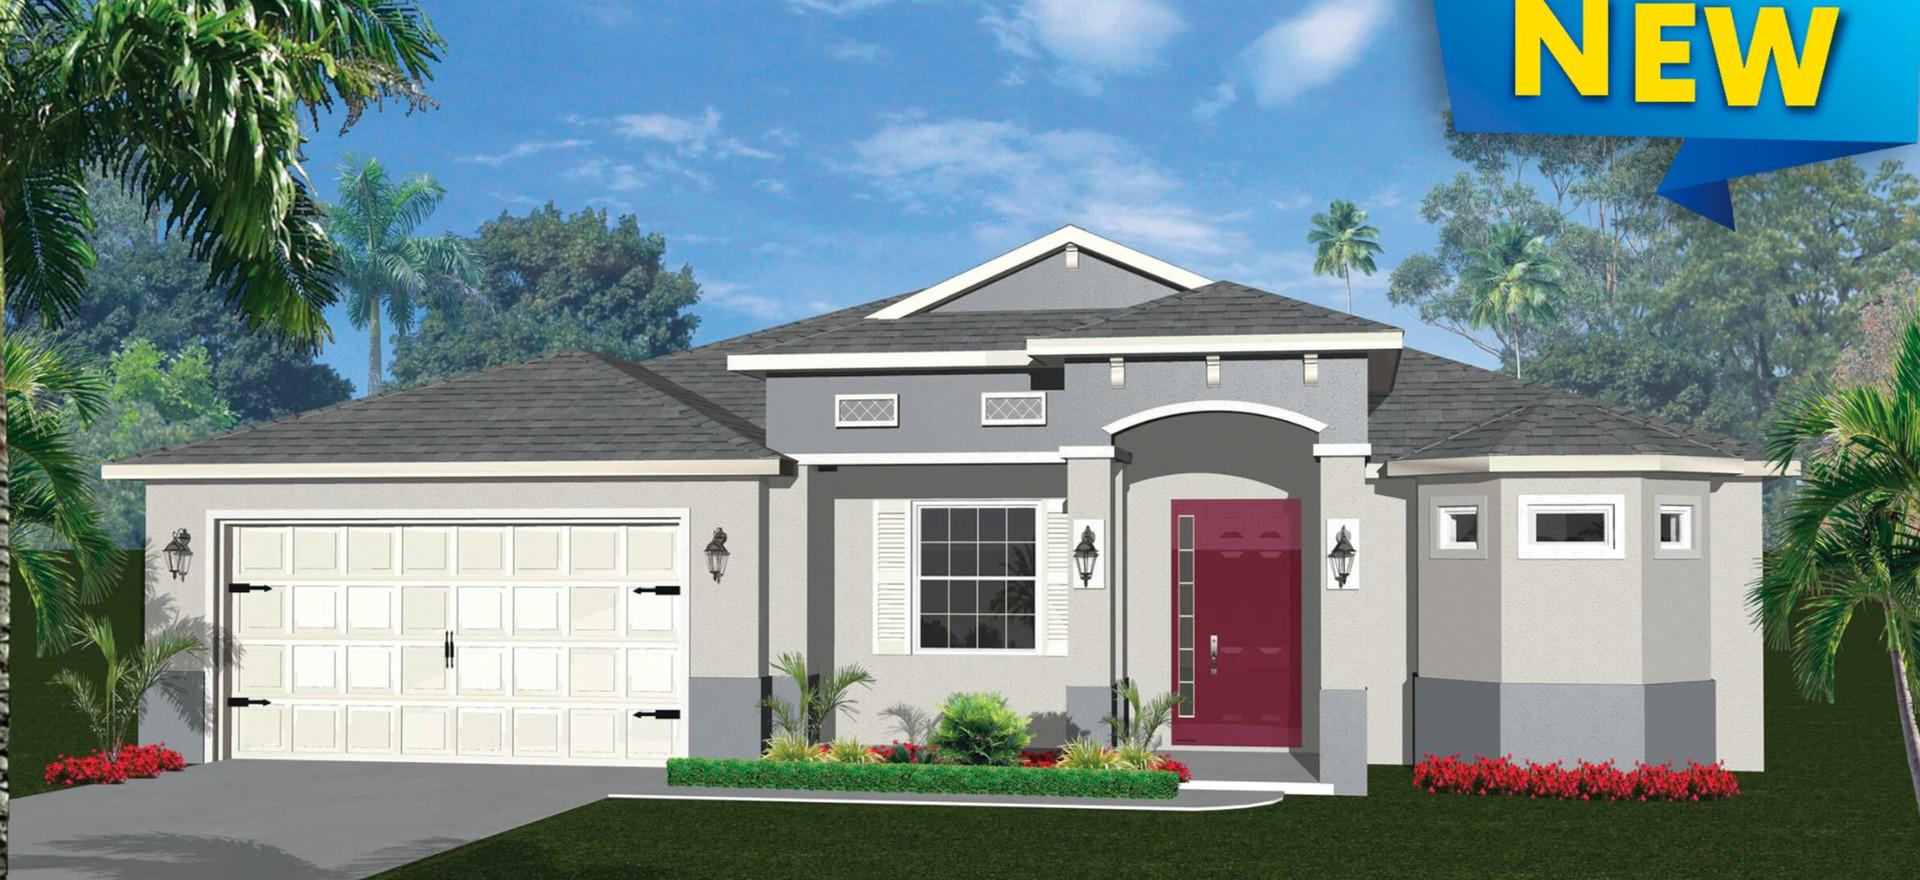 Harborview Floor Plan - Groza Builders Inc.